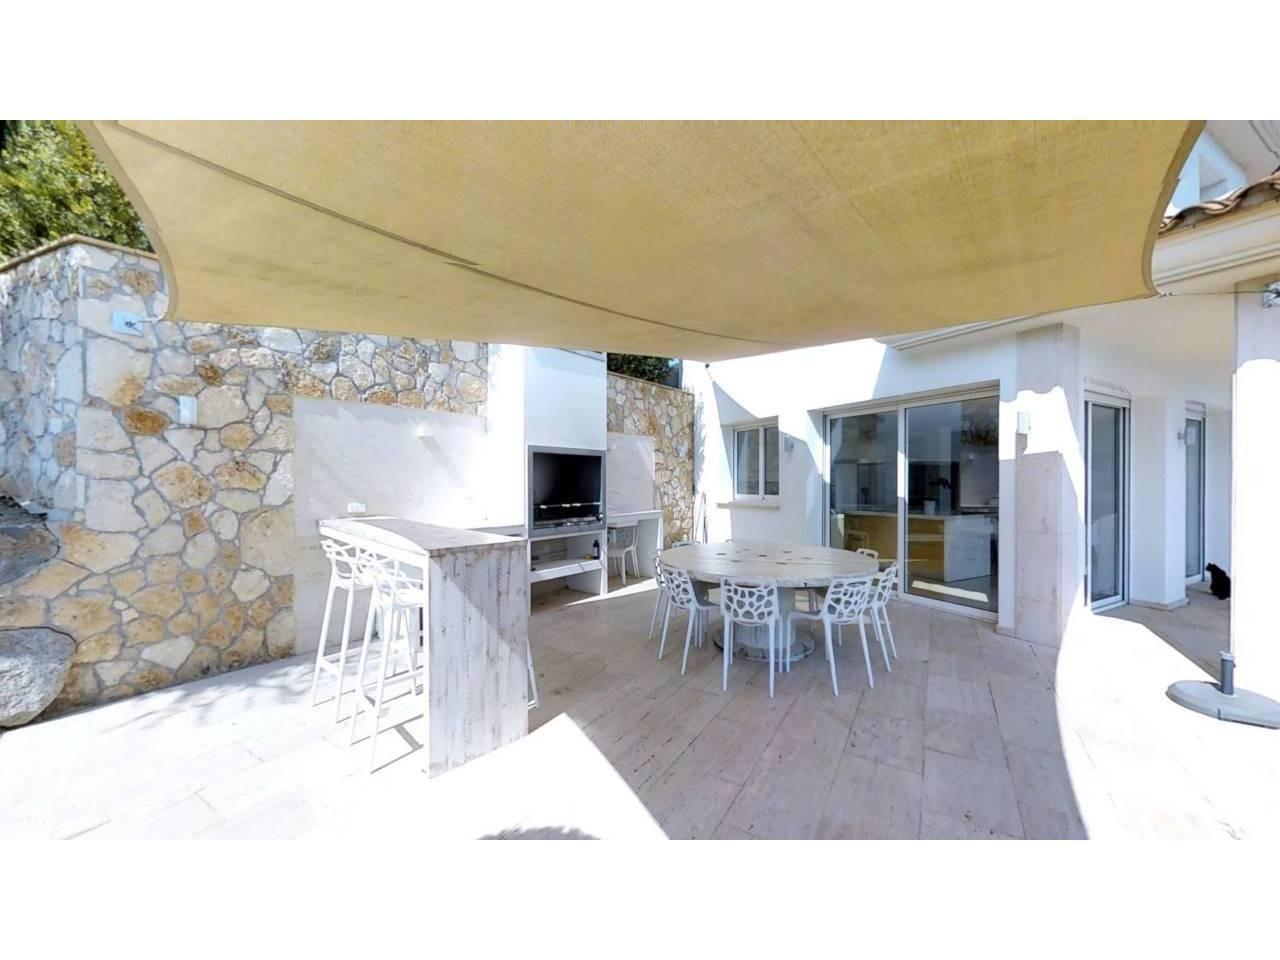 House with private swimming pool at Rio de Oro urbanization. - 1283